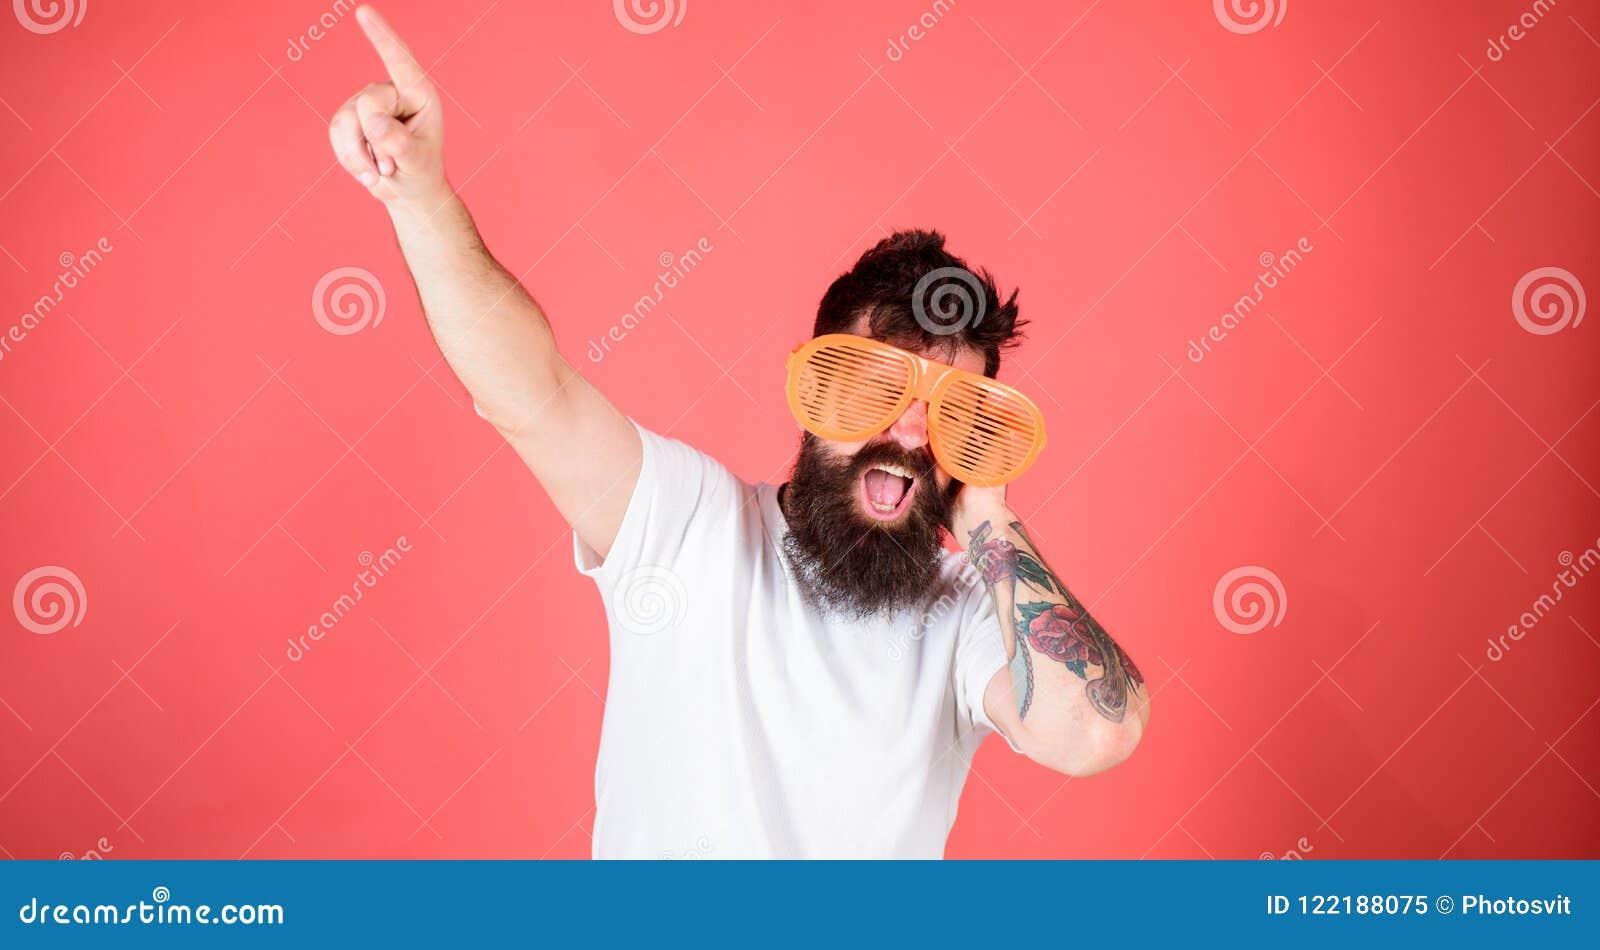 人有胡子的行家戴巨型装有百叶窗板的太阳镜 太阳镜辅助部件给信心的难以置信的感觉 感受